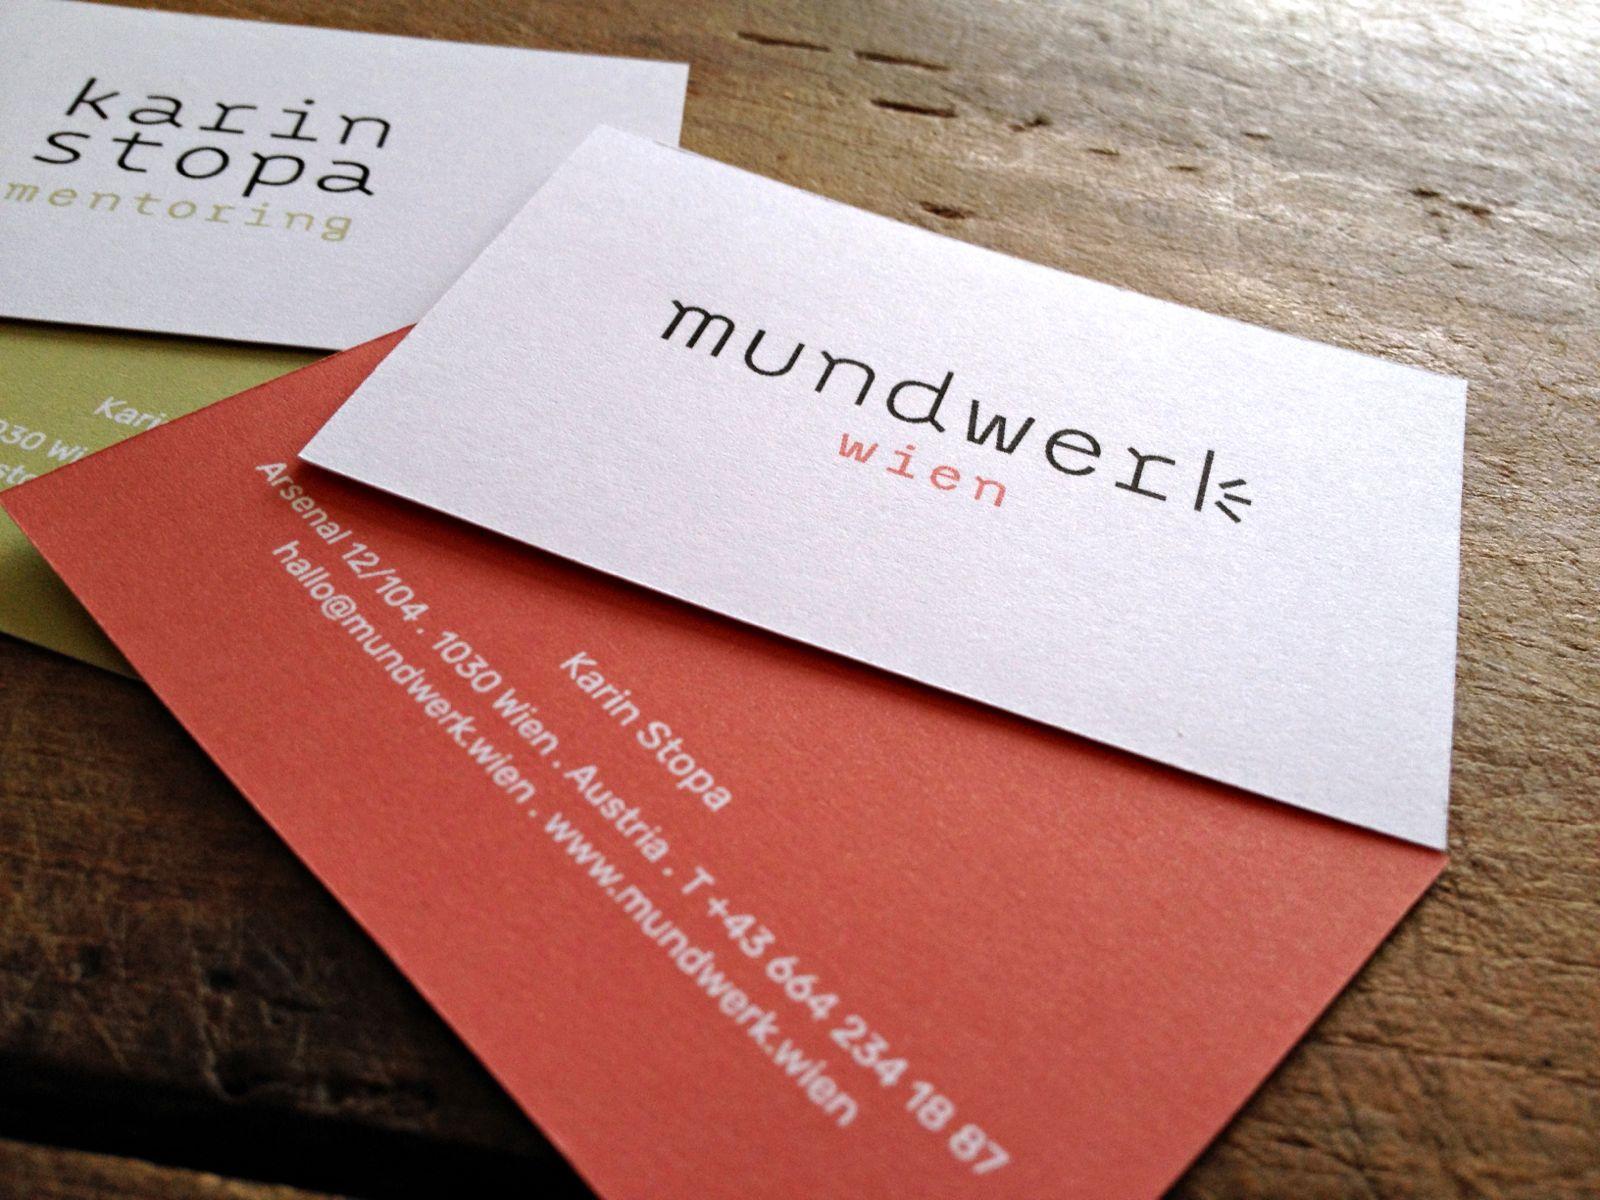 Visitenkarten Für Mundwerk Wien Karin Stopa Mentoring